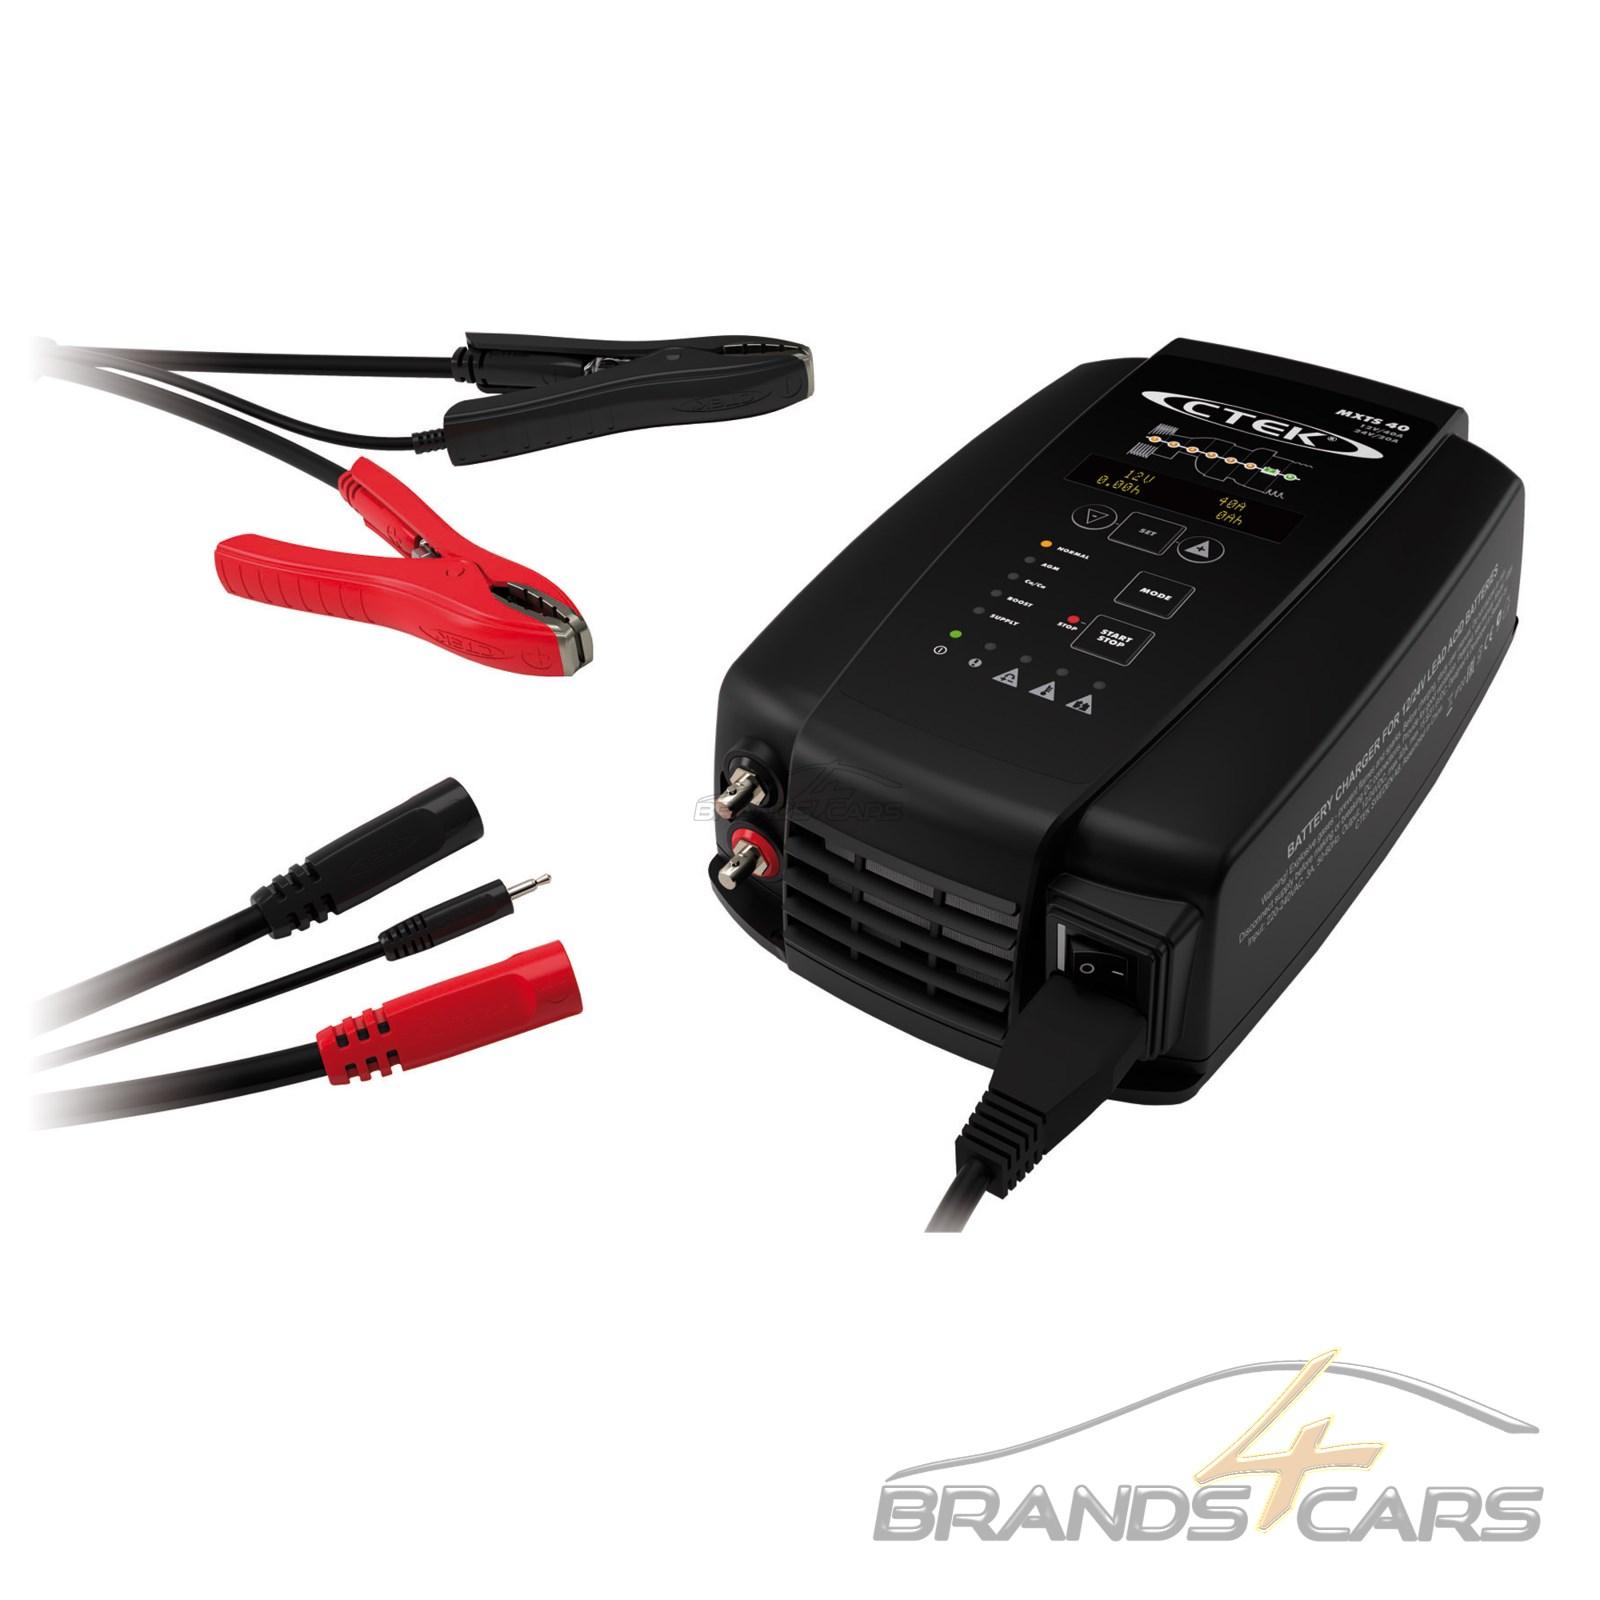 Ctek Mxts 40 Erhaltungsgerat Kfz Batterie Ladekabel 12v 40a 24v